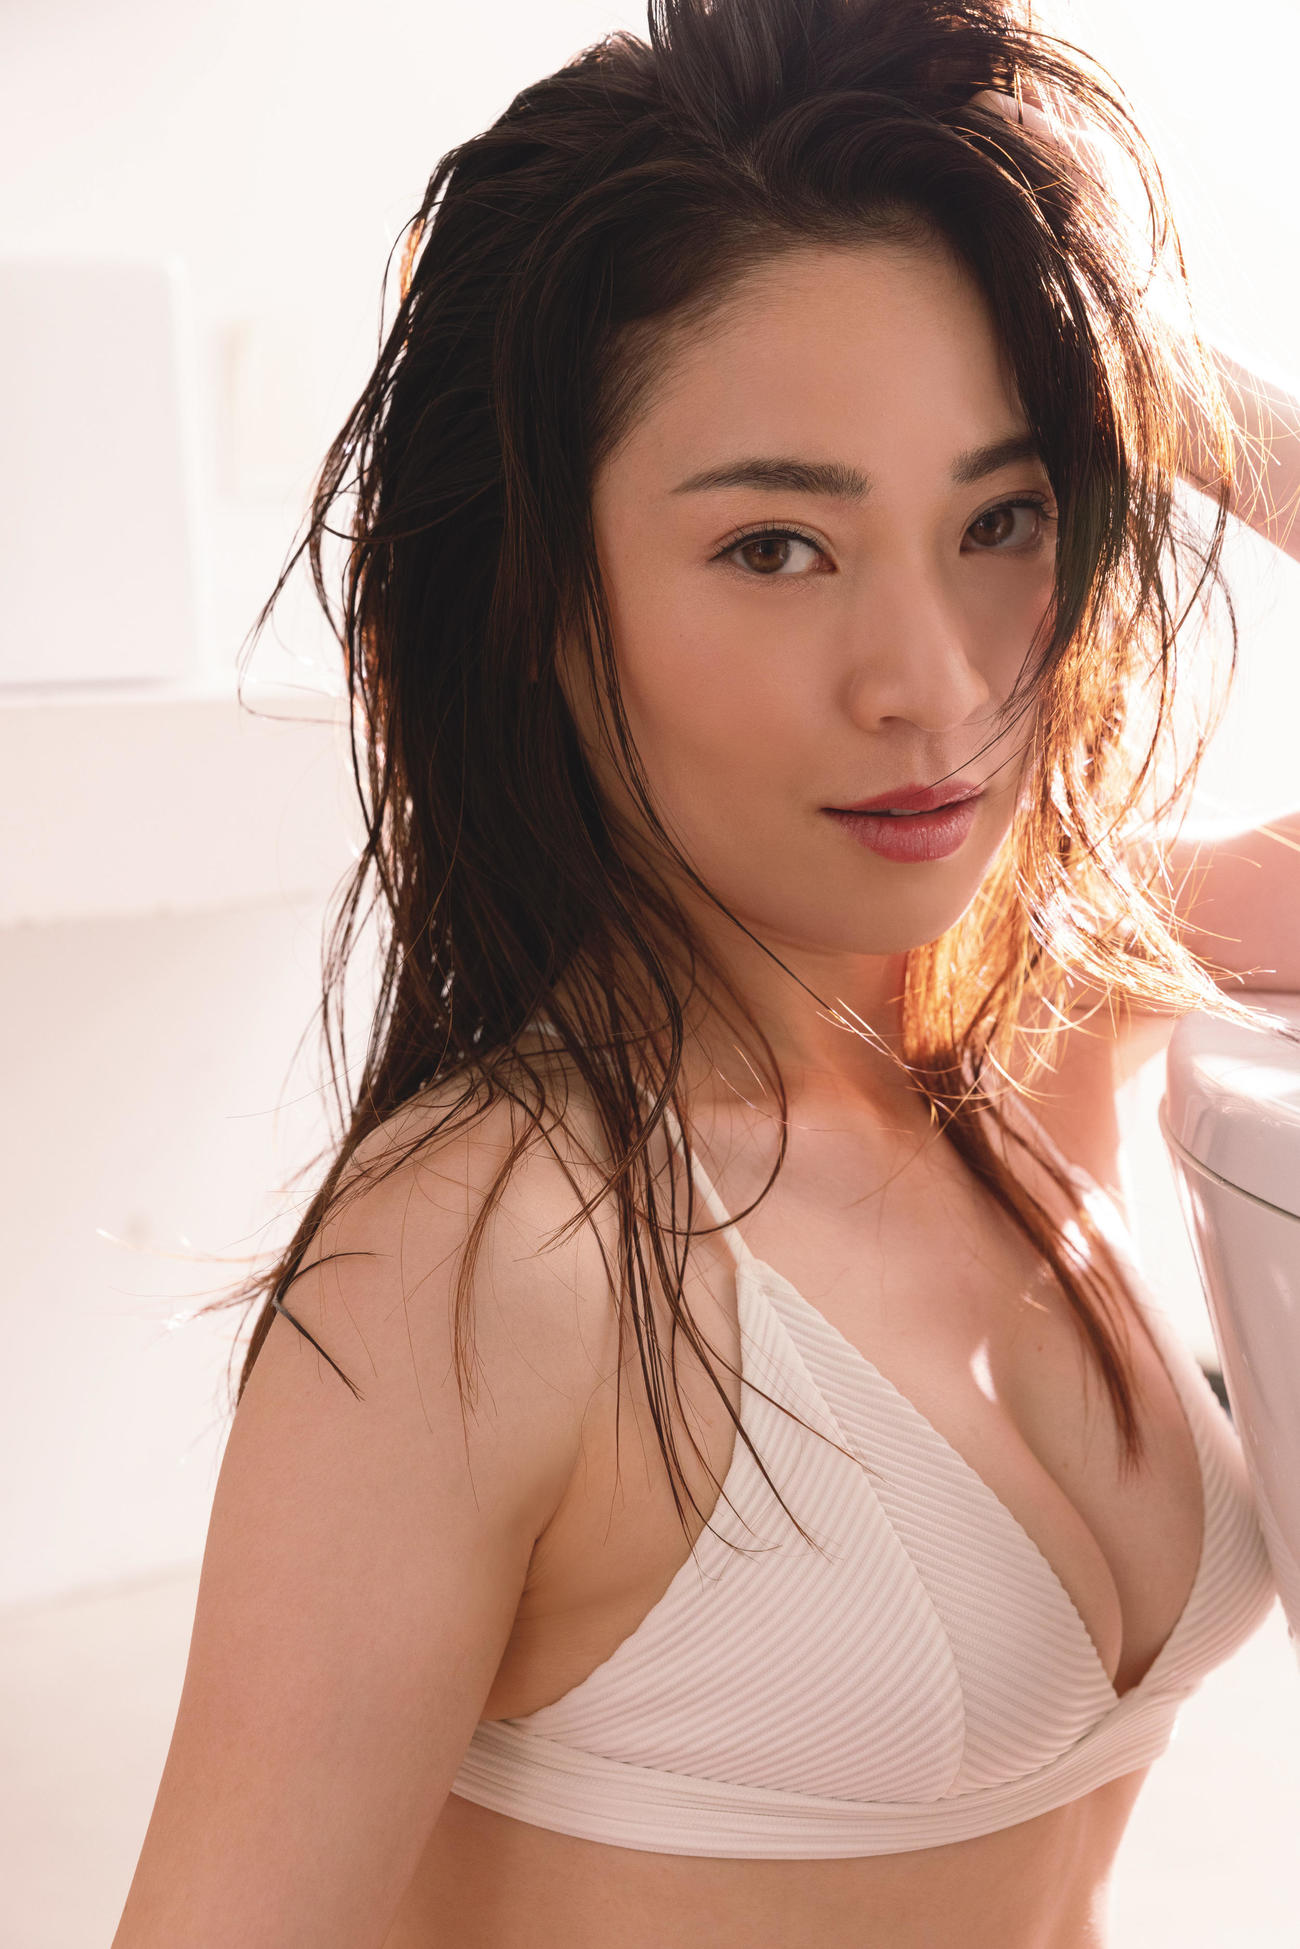 「週刊ポスト」で初のグラビア撮影に挑戦し大人っぽい表情をのぞかせる竹村真琴